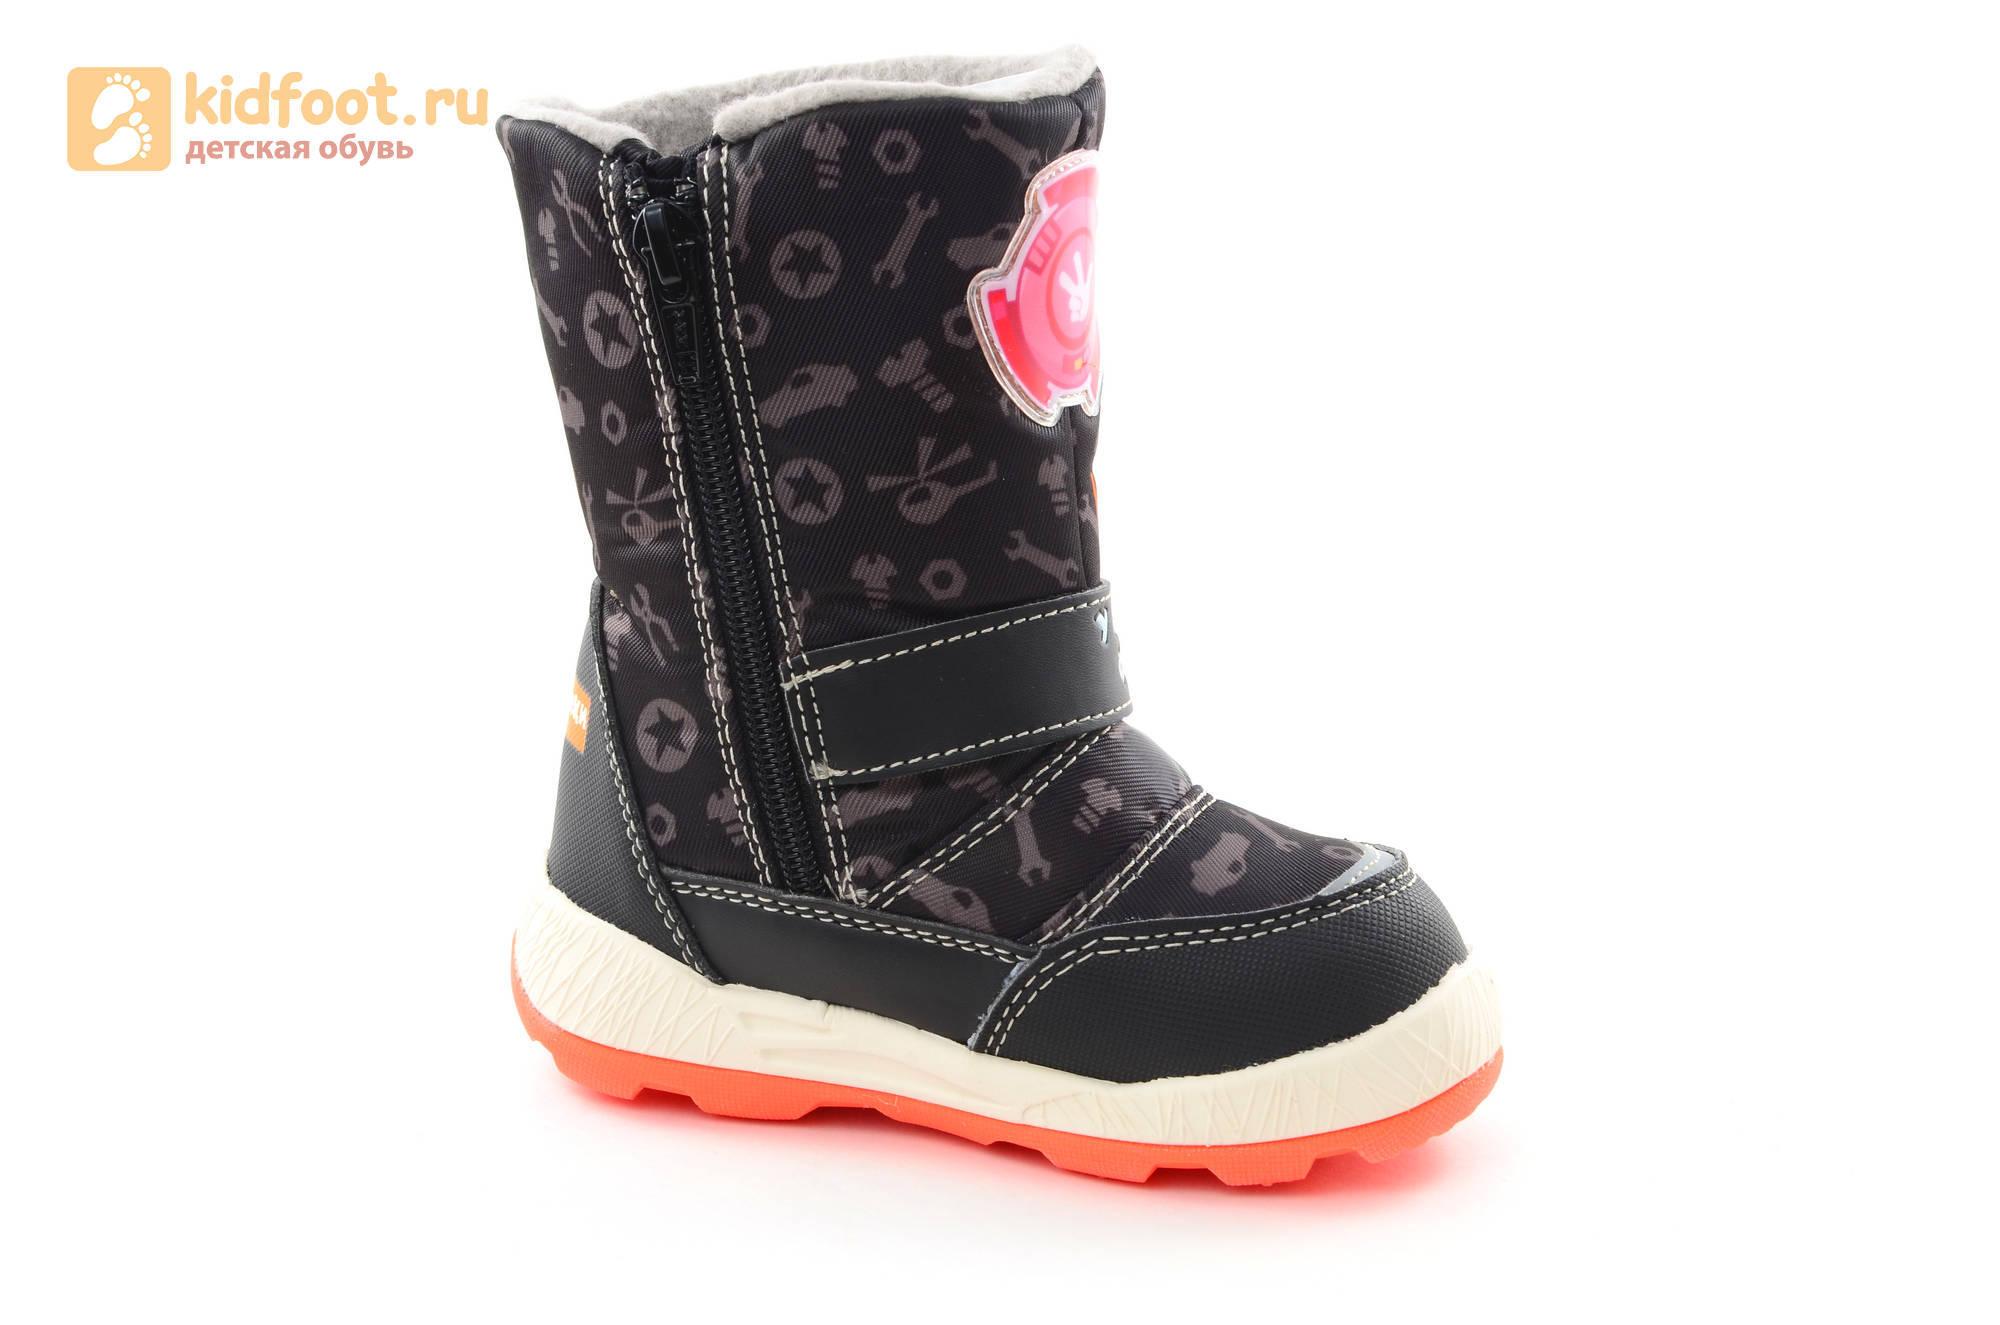 Зимние сапоги для мальчиков с мембраной KINGTEX Фиксики на молнии, цвет черный